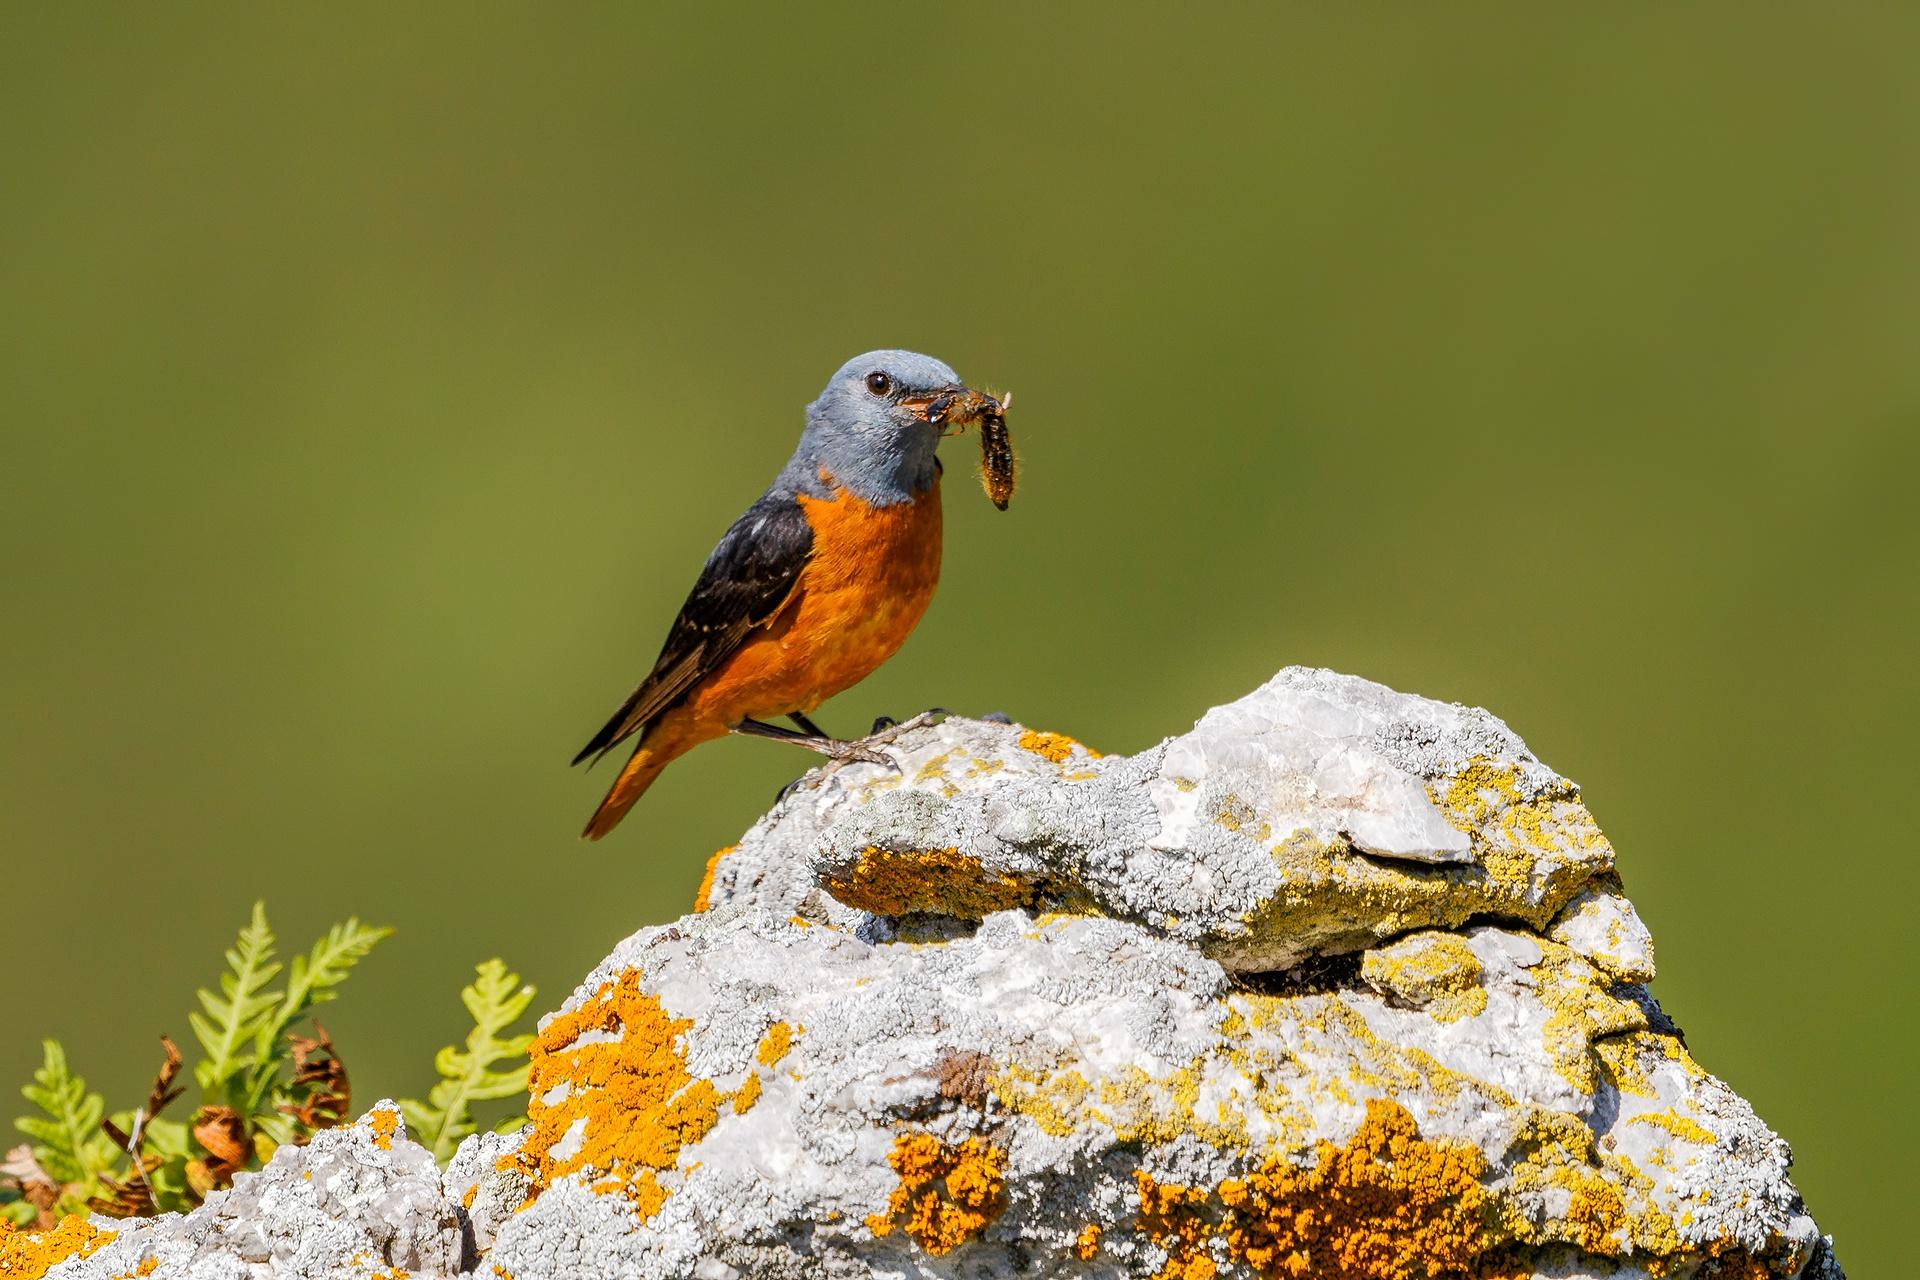 Josechu Fernández-Roquero Rojo - 2018 - AFONAS, Asociación de Fotografos de Naturaleza de Asturias